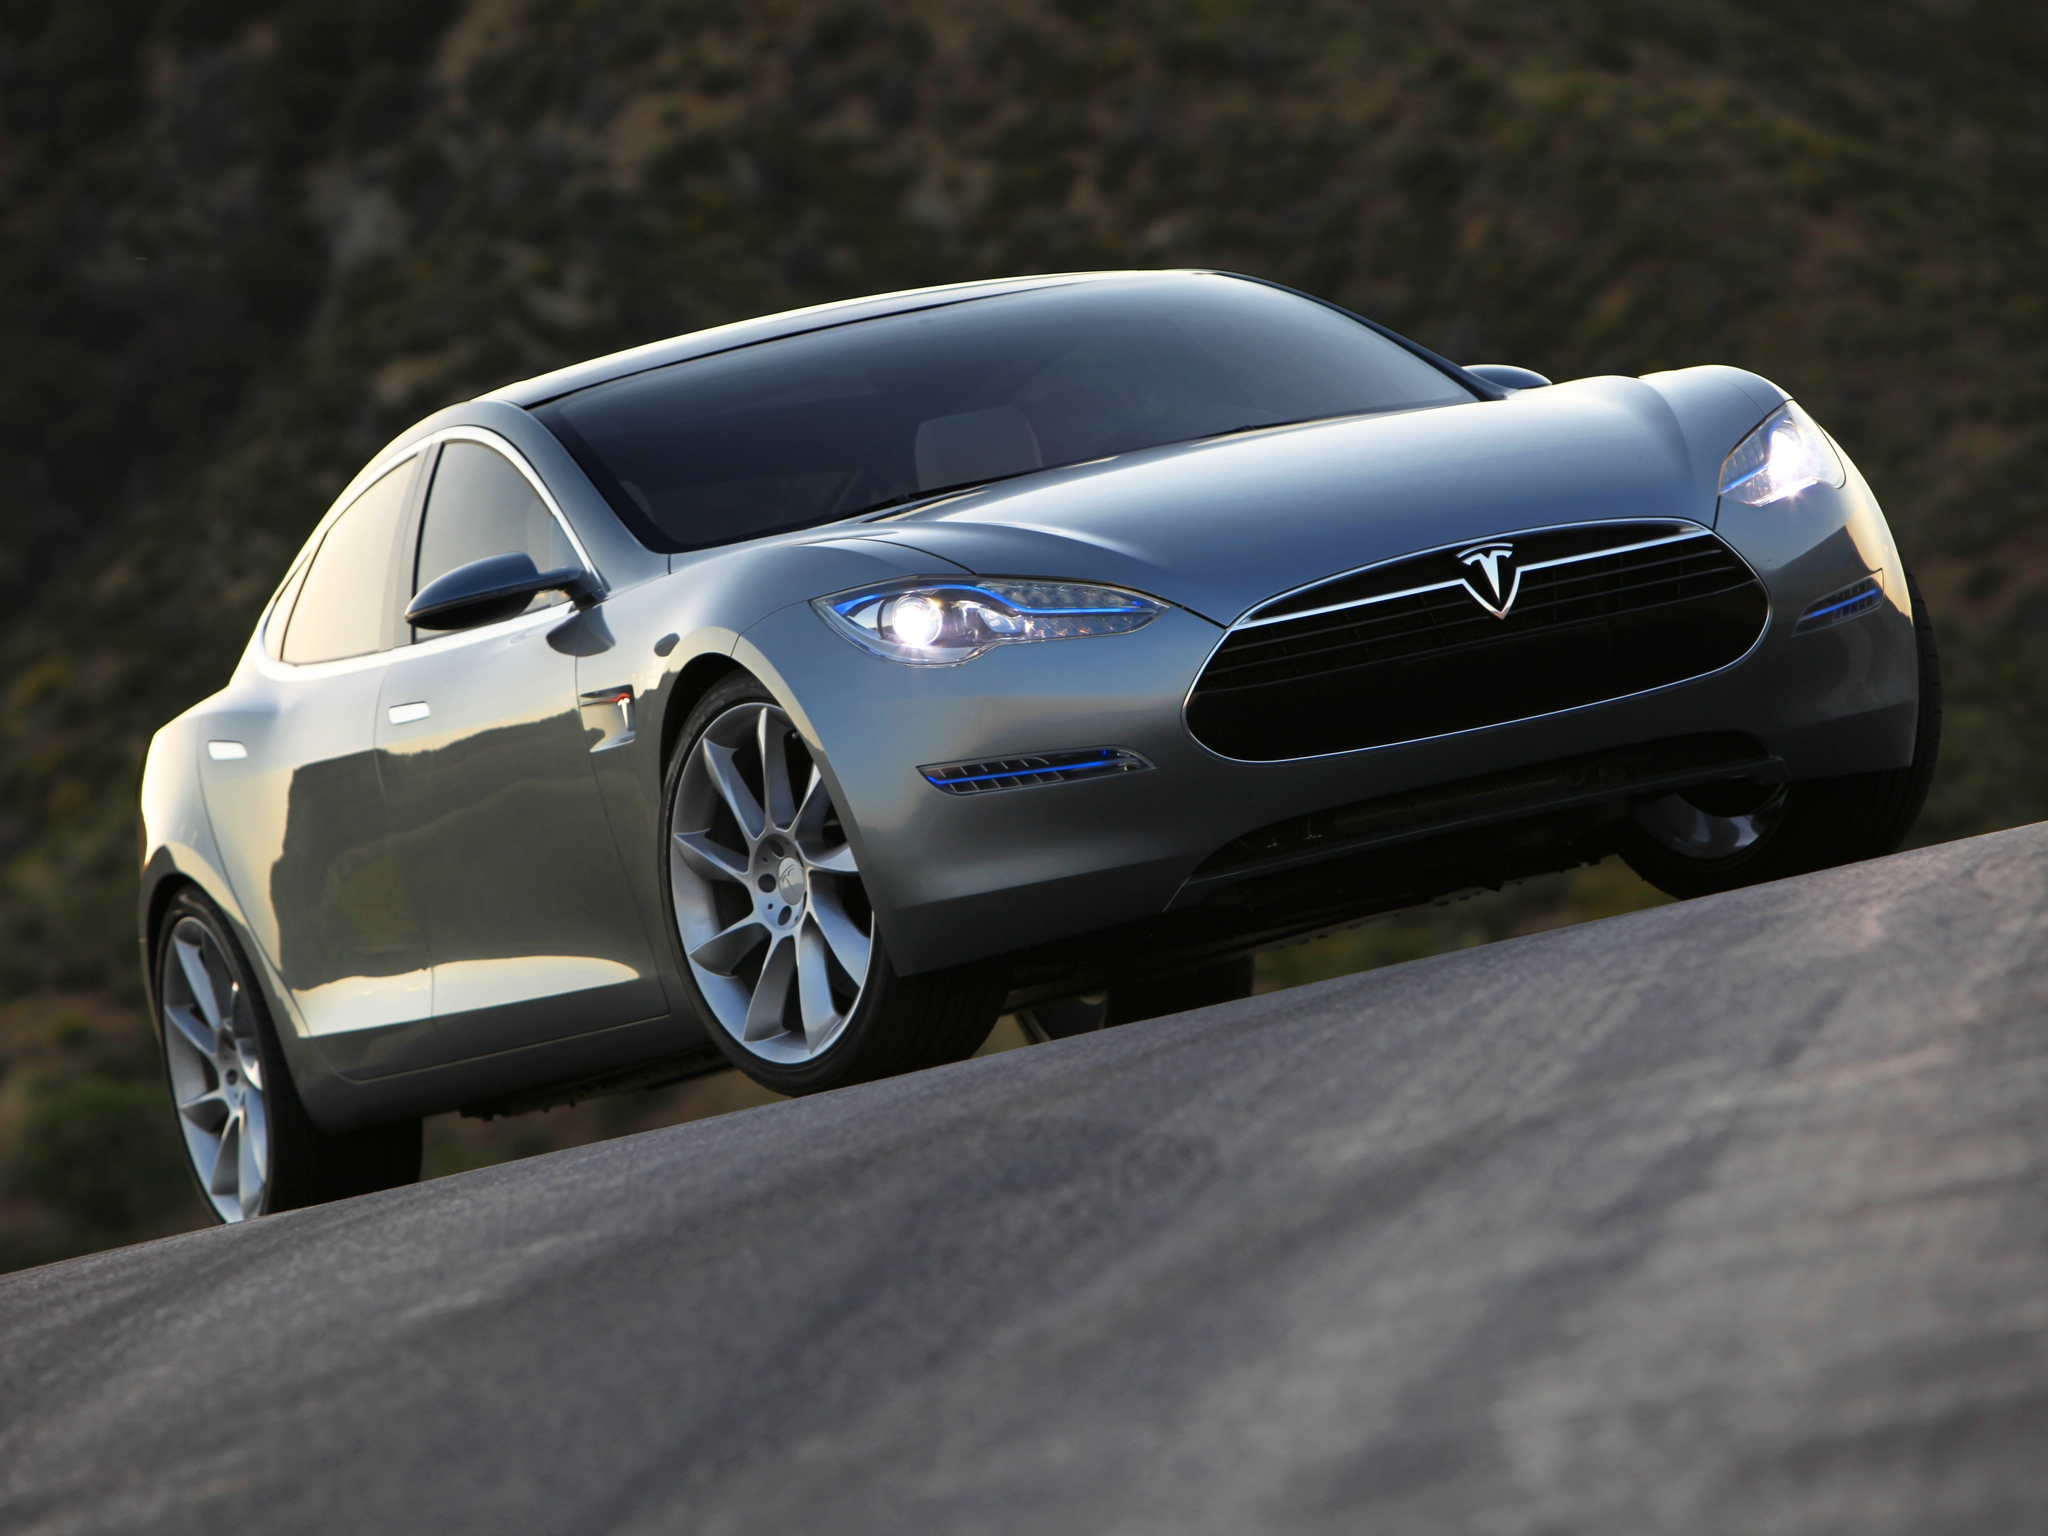 Tesla Model S Concept Supercar K Wallpaper